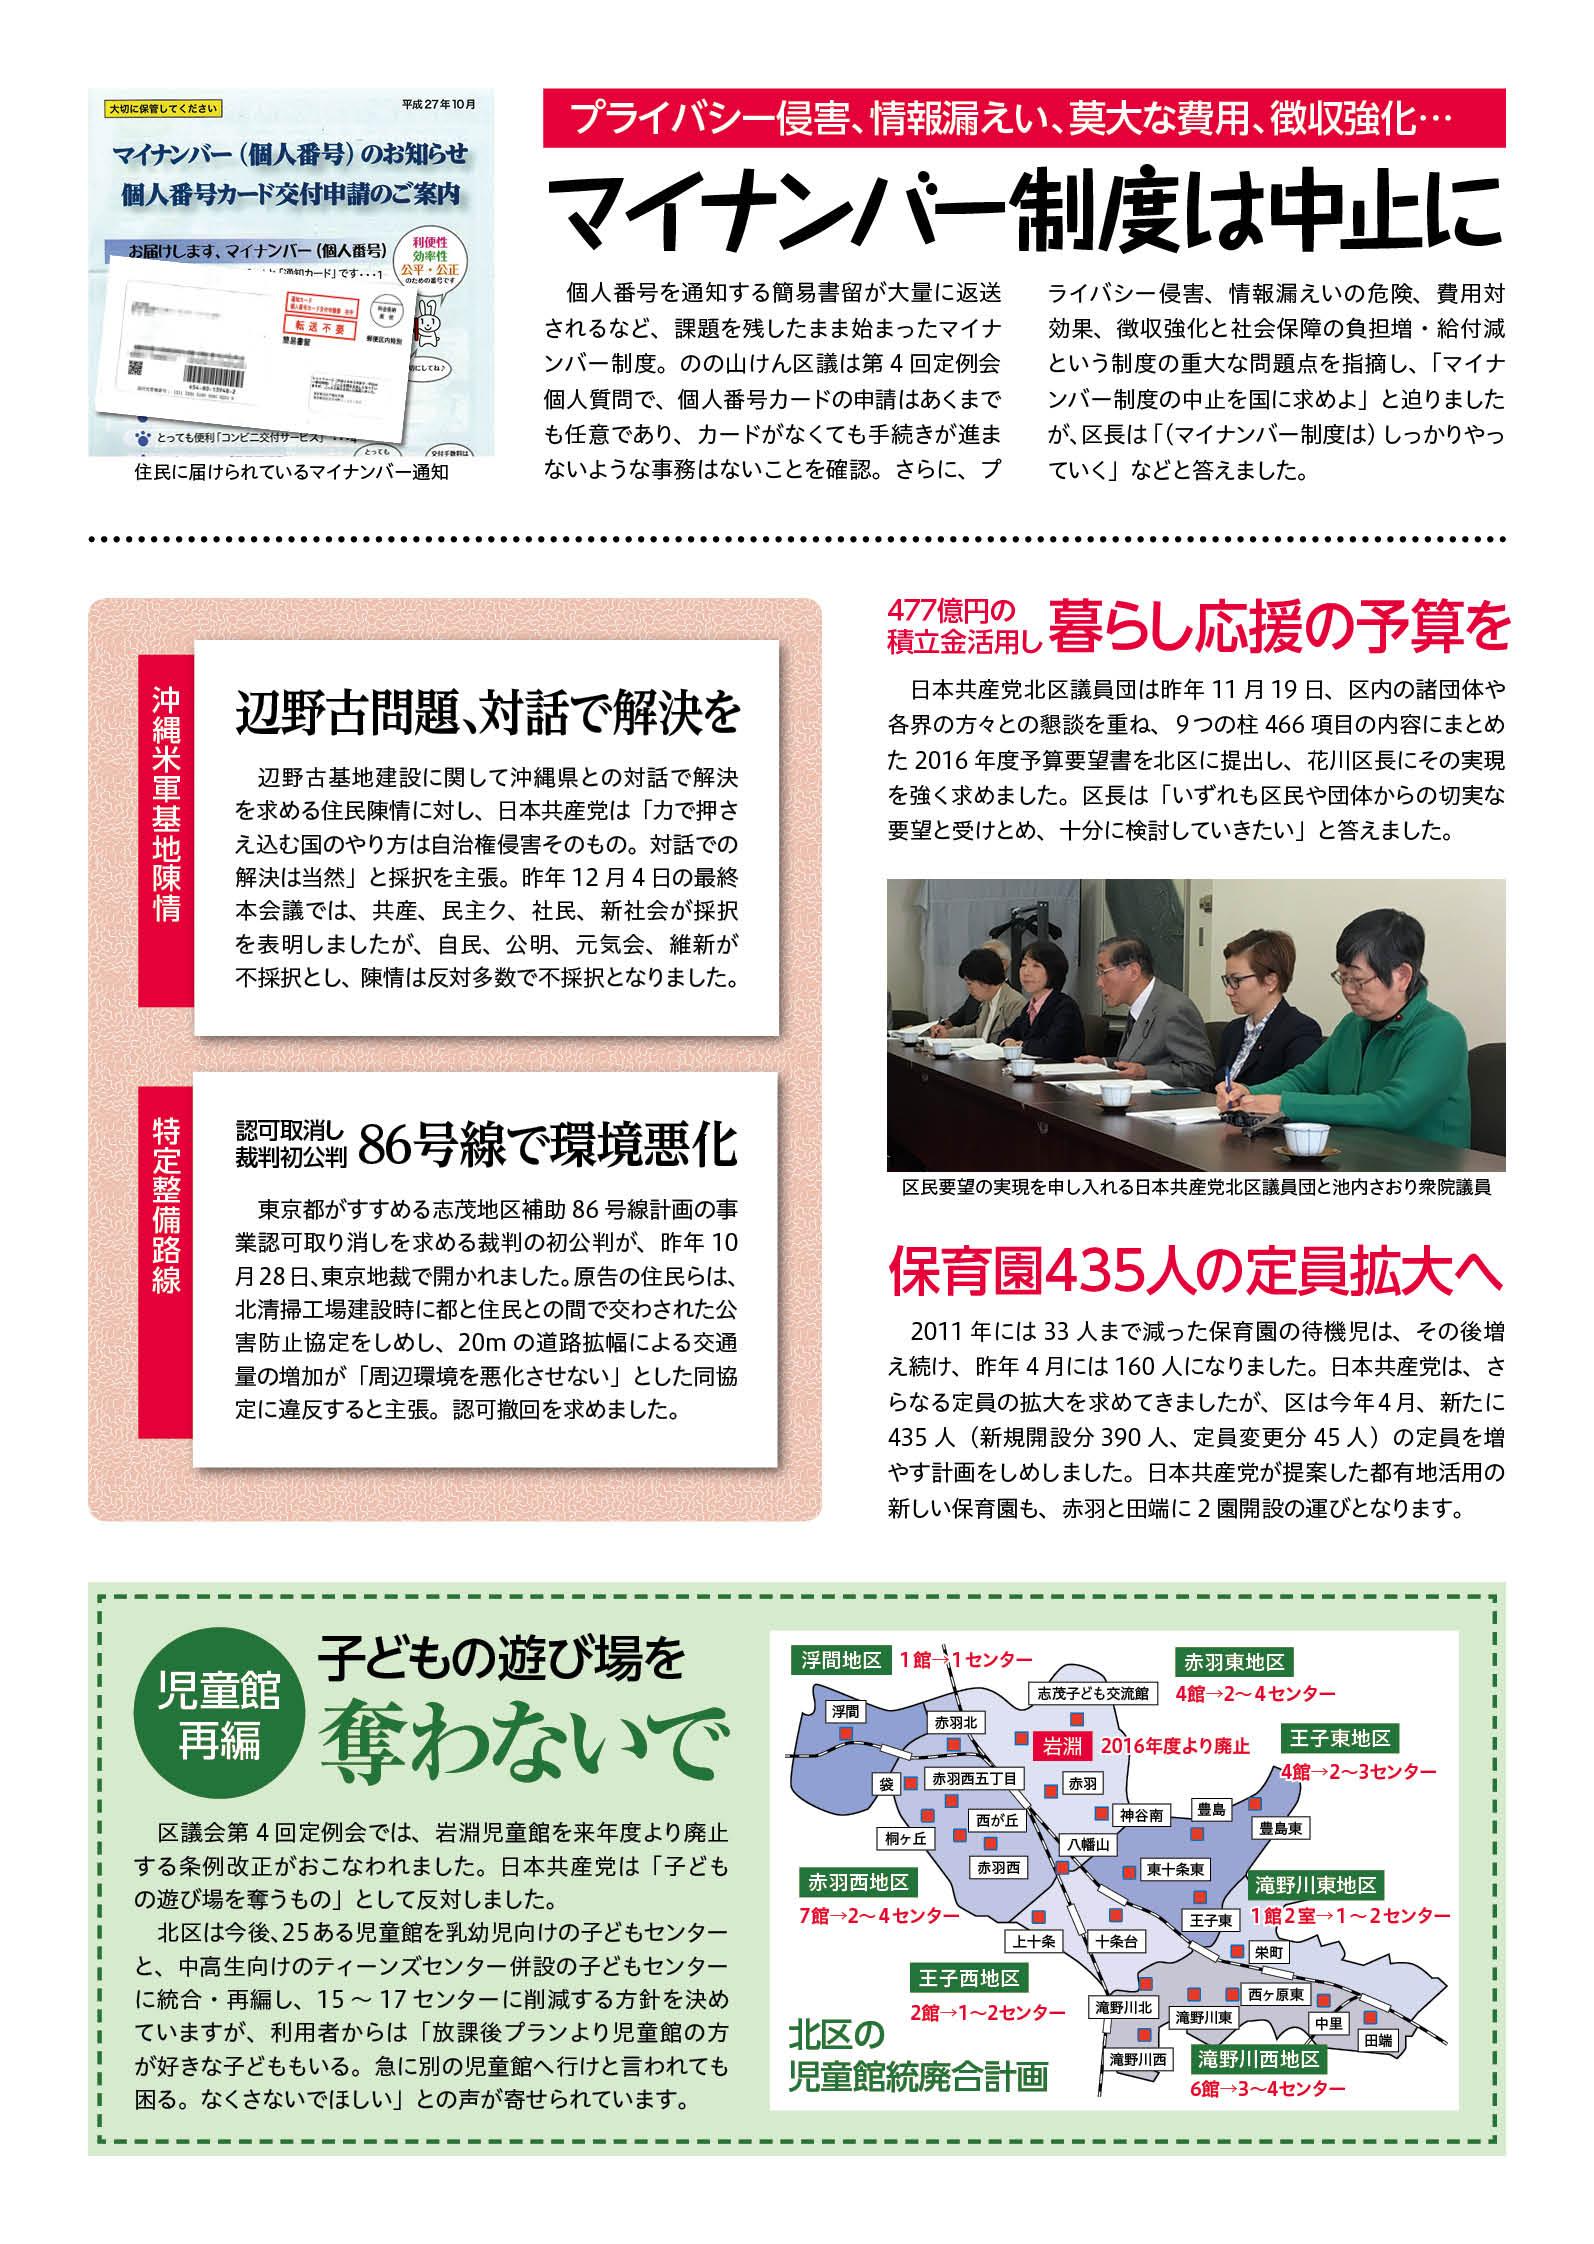 dan-news-2015-04_02